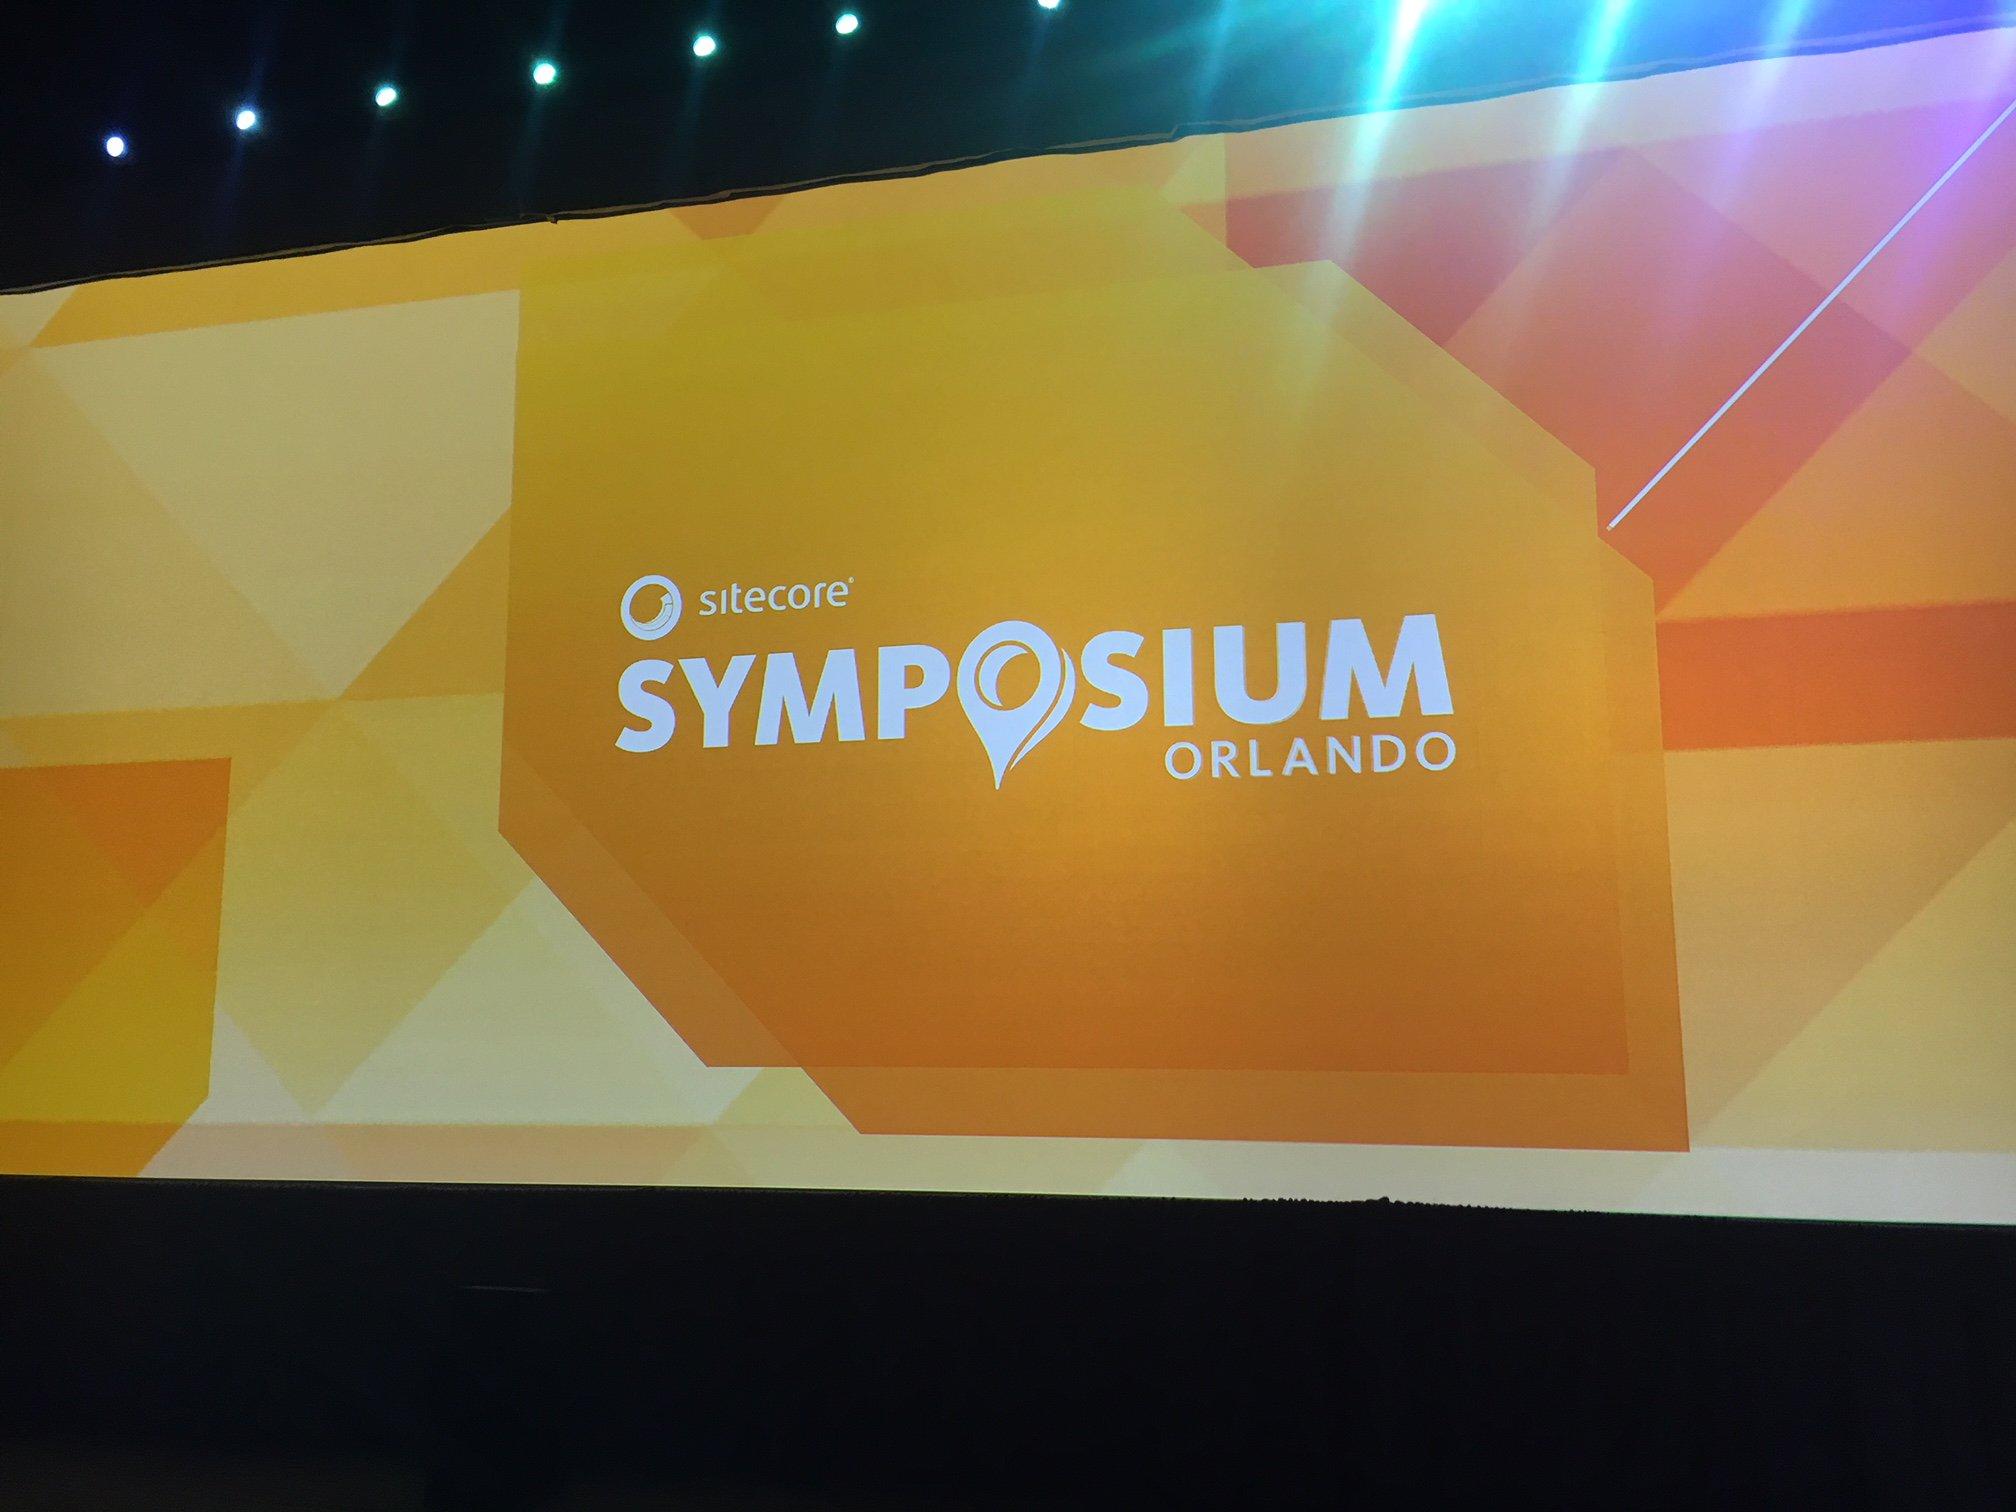 Sitecore Symposium 2018